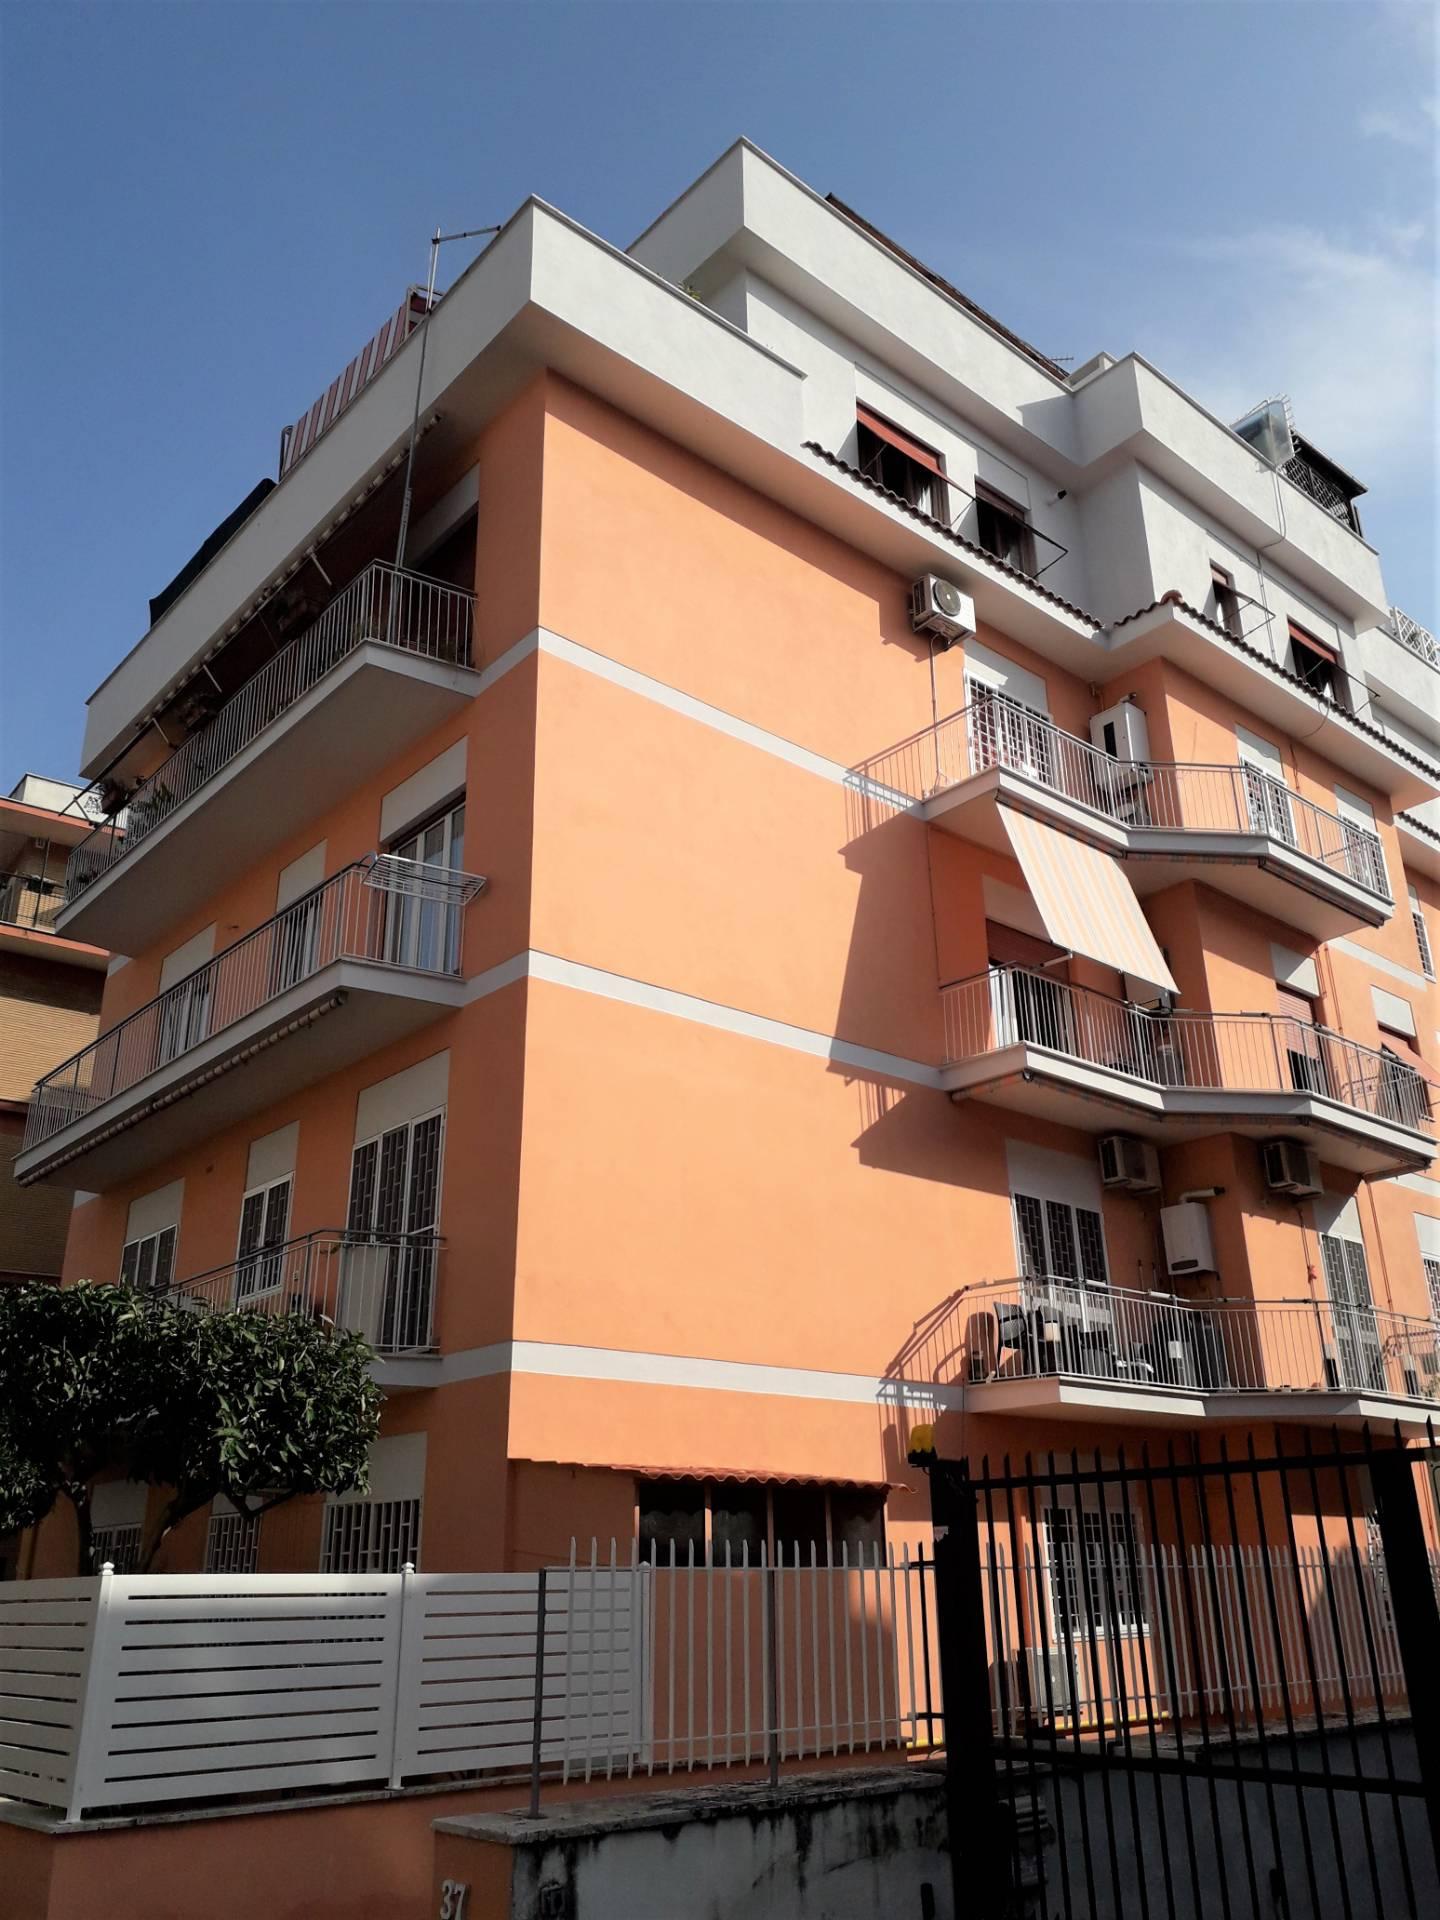 Attico in Affitto a Roma 35 Torre Vecchia / Pineta Sacchetti: 3 locali, 80 mq